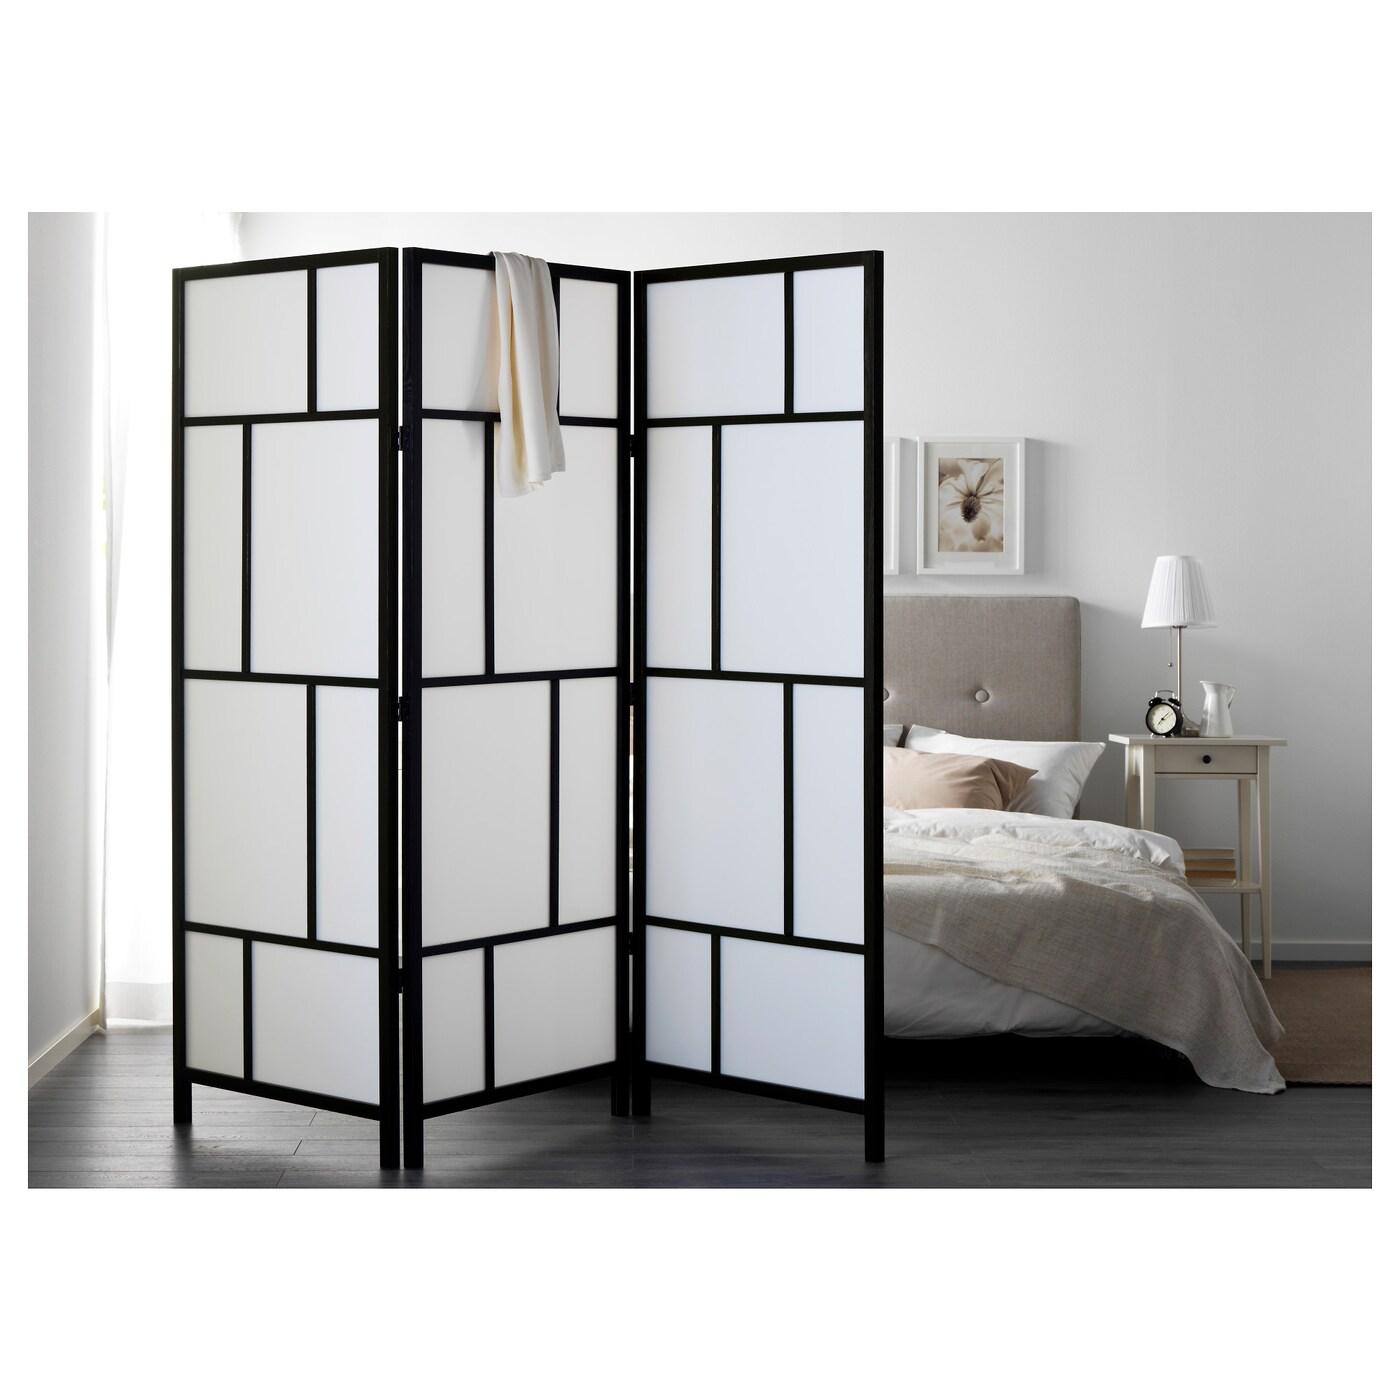 Risor Paravent Blanc Noir 216x185 Cm Ikea